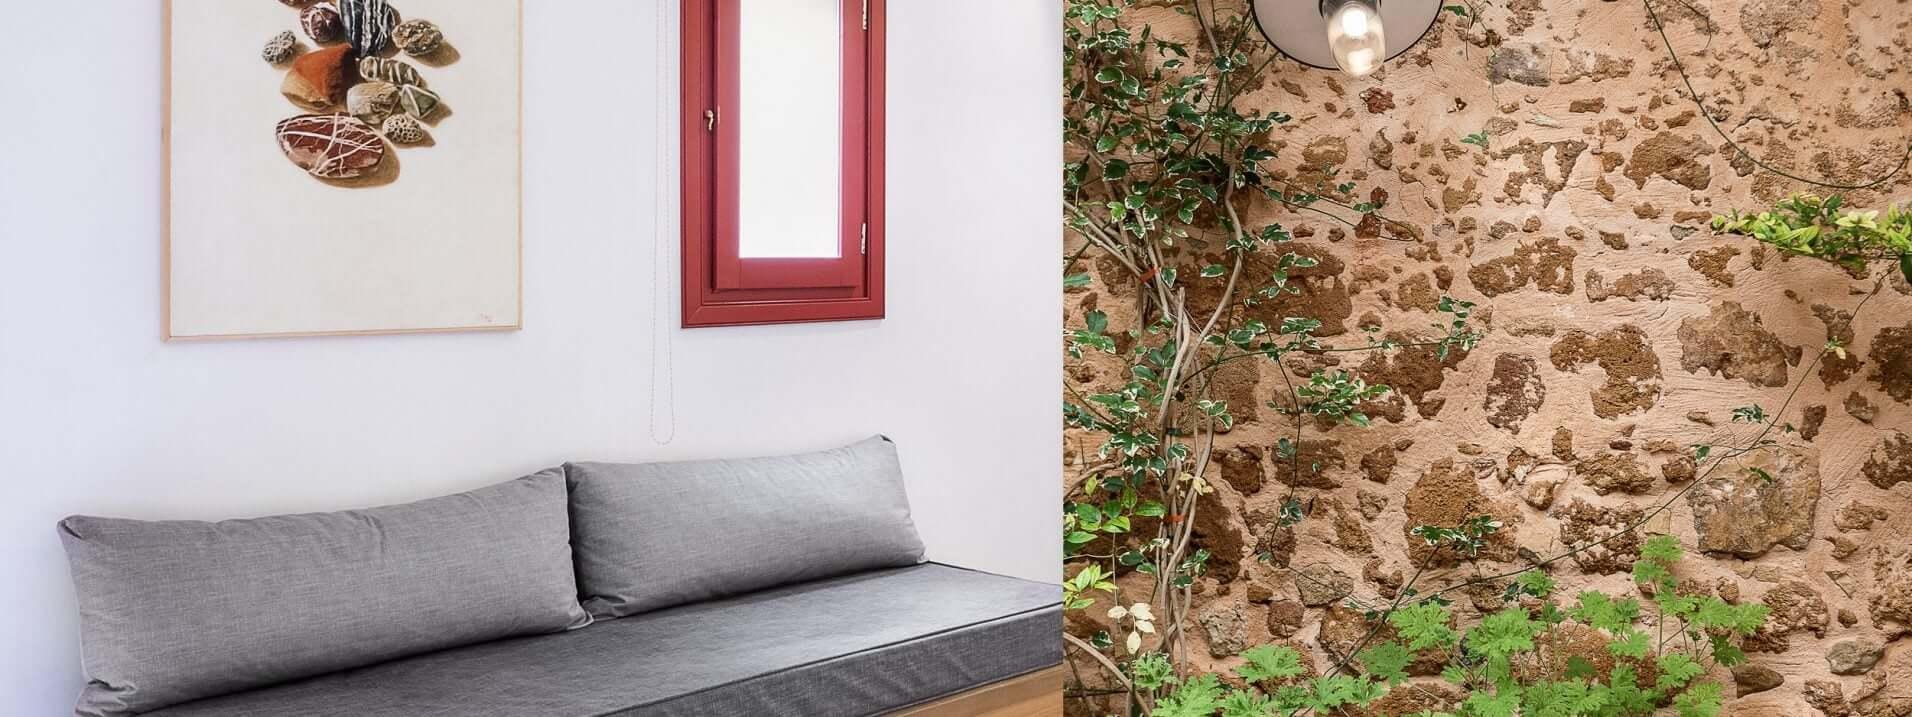 Hotel Off Chania Deluxe Garden Sofa 1912x717